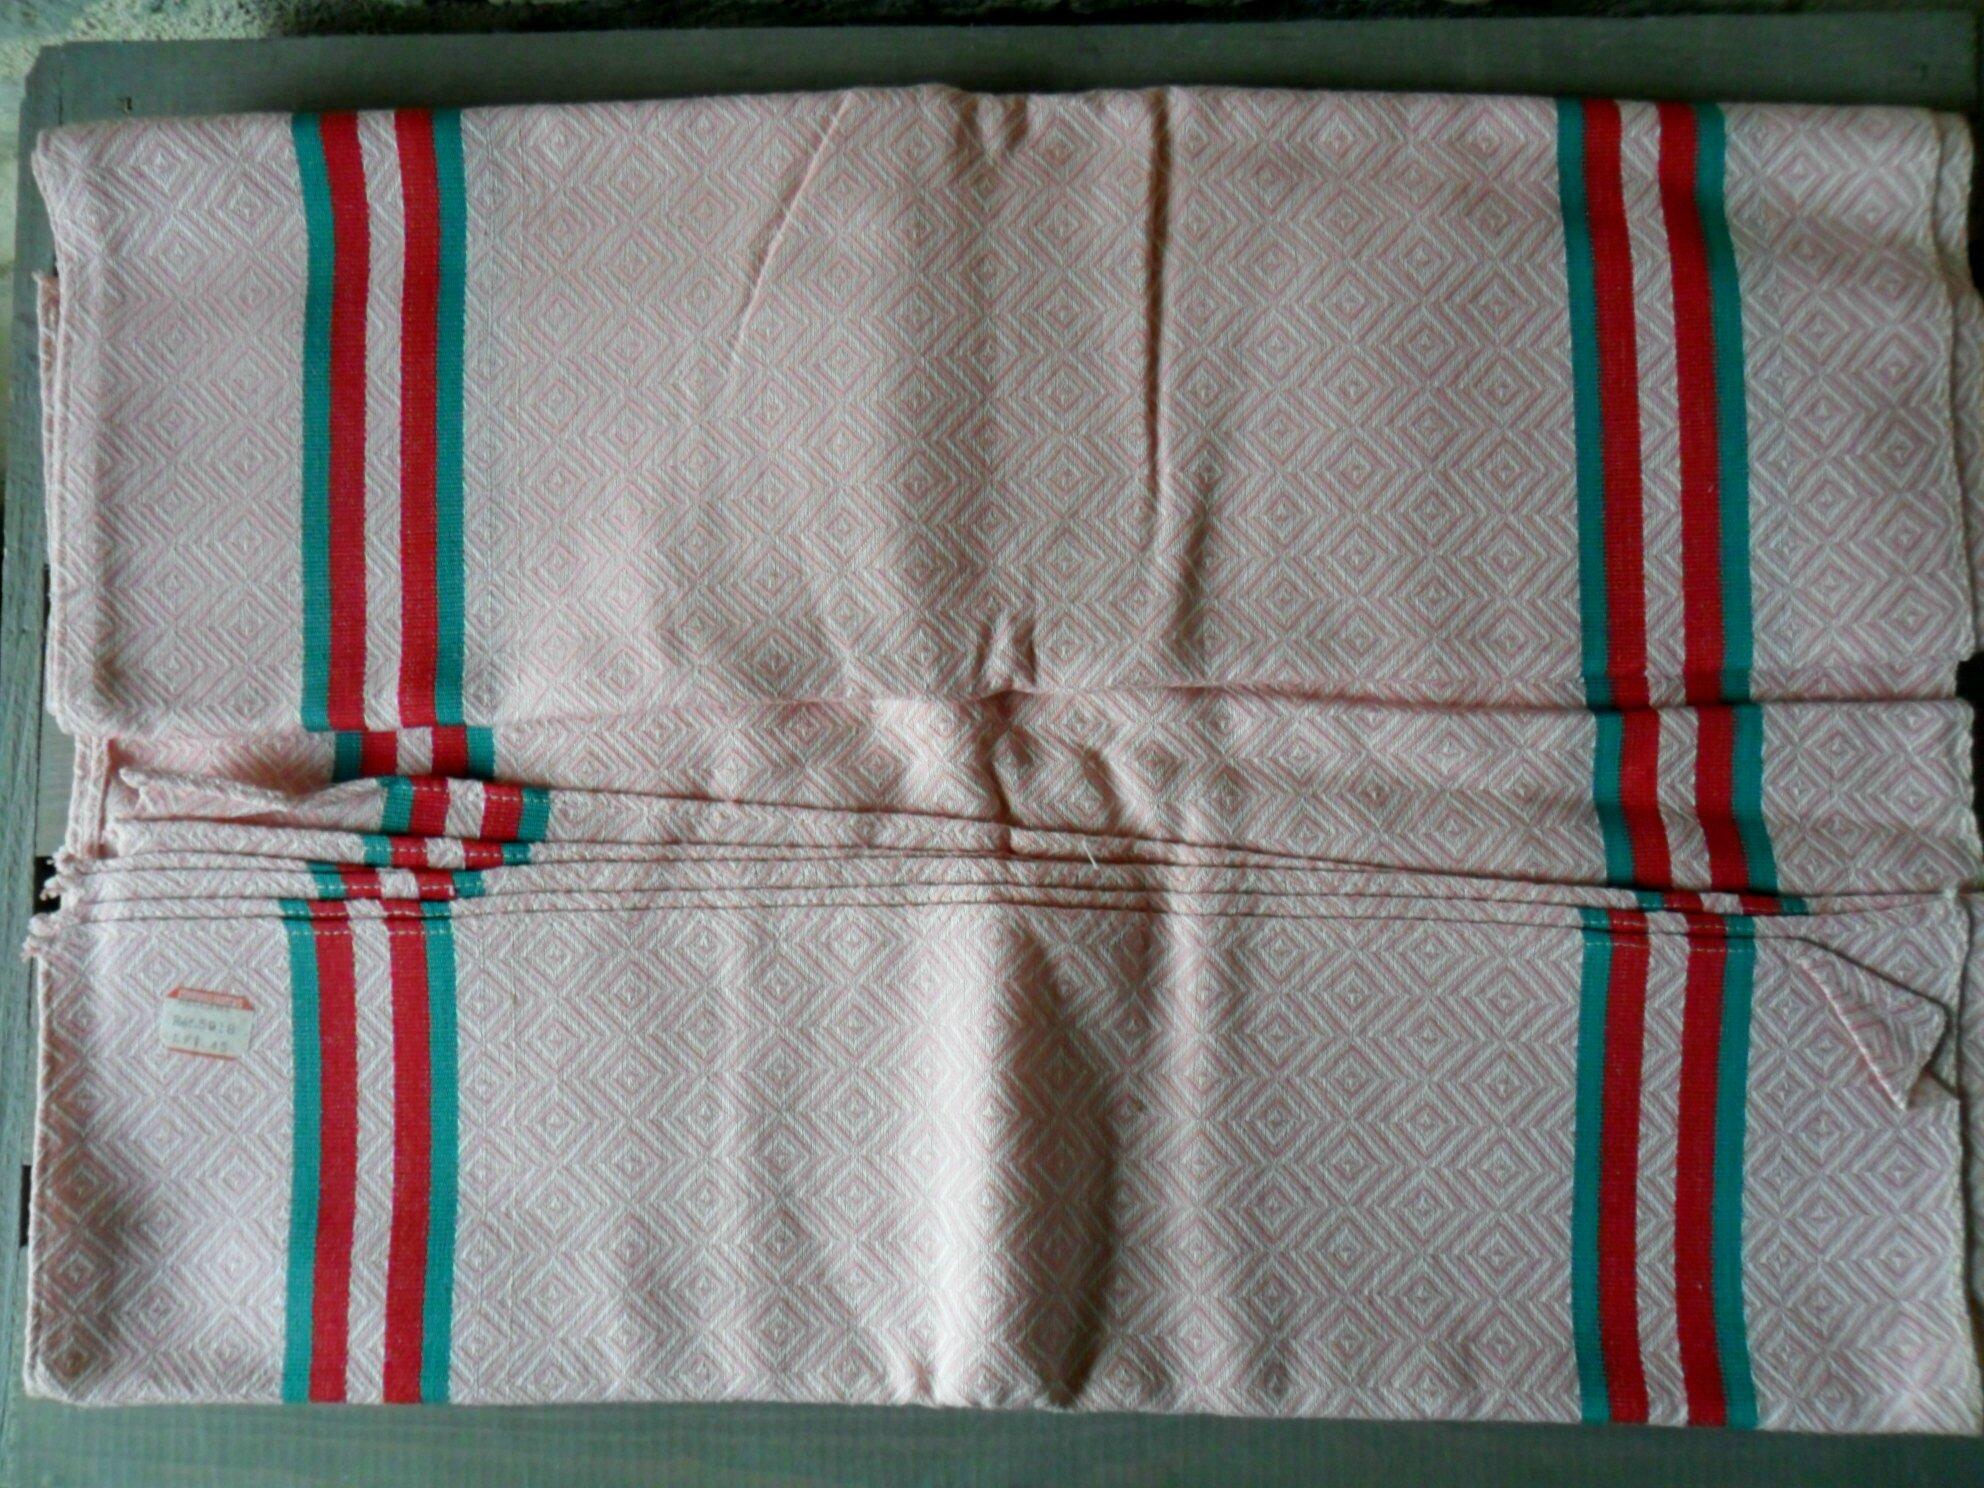 torchons basques anciens, toile métis à chevrons rose et blanche, liteaux rouges et verts, 2€ l'unité + port, contacter l'auteur pour commander